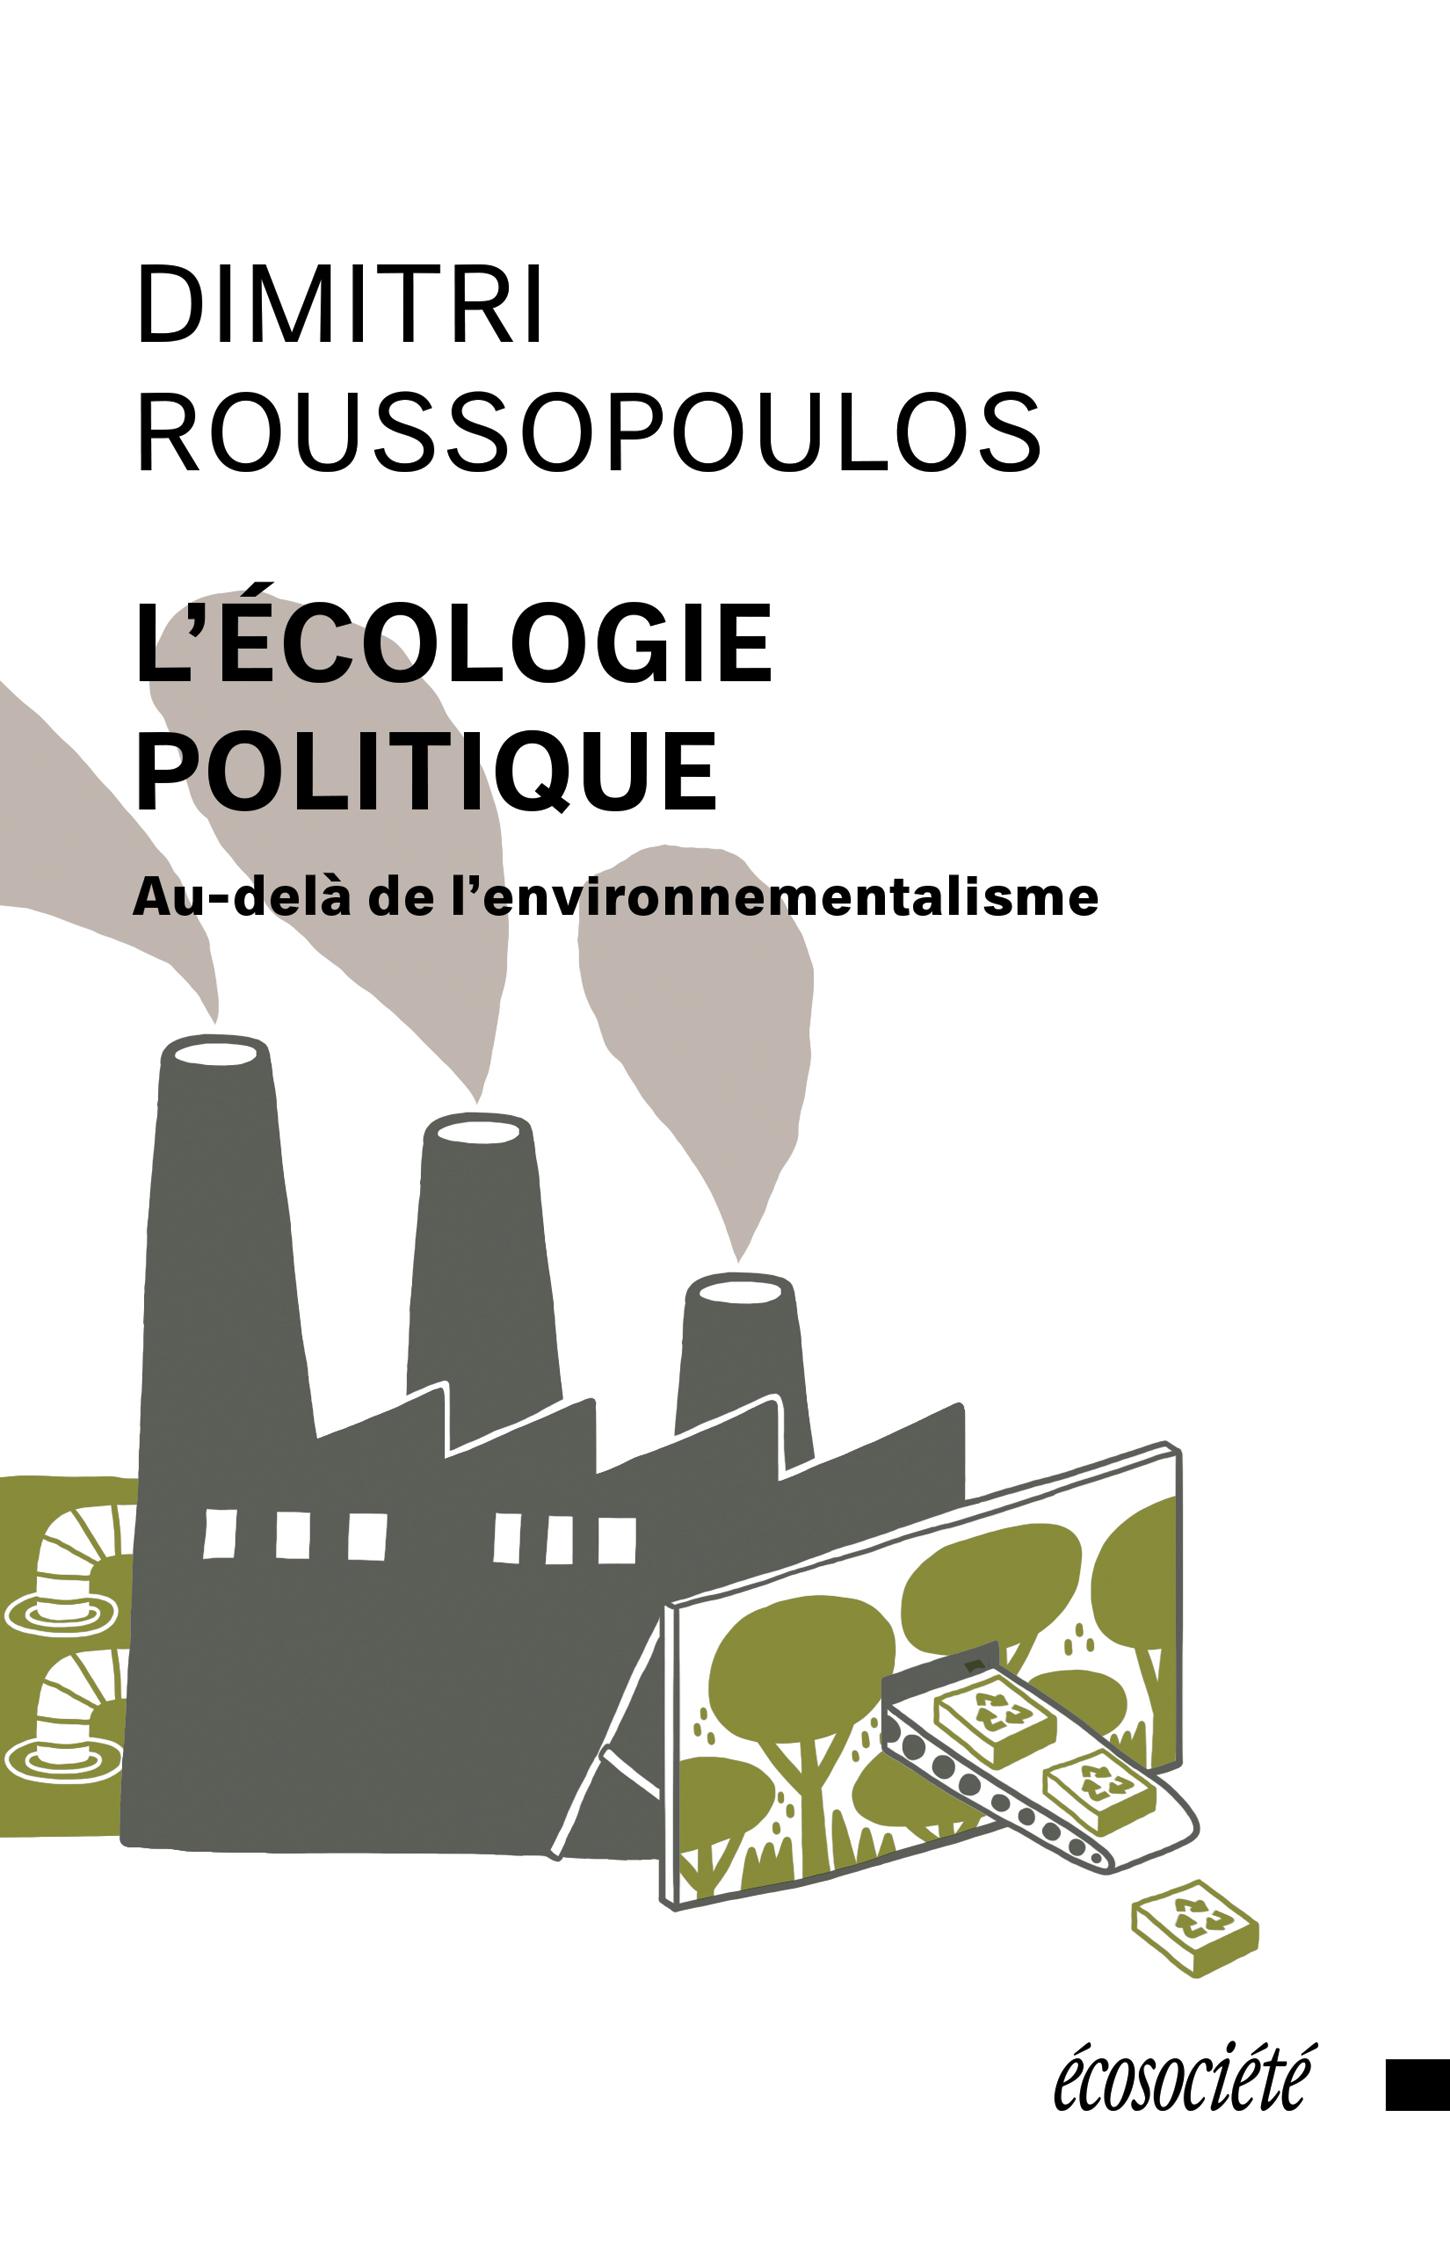 L'écologie politique, Au-delà de l'environnementalisme